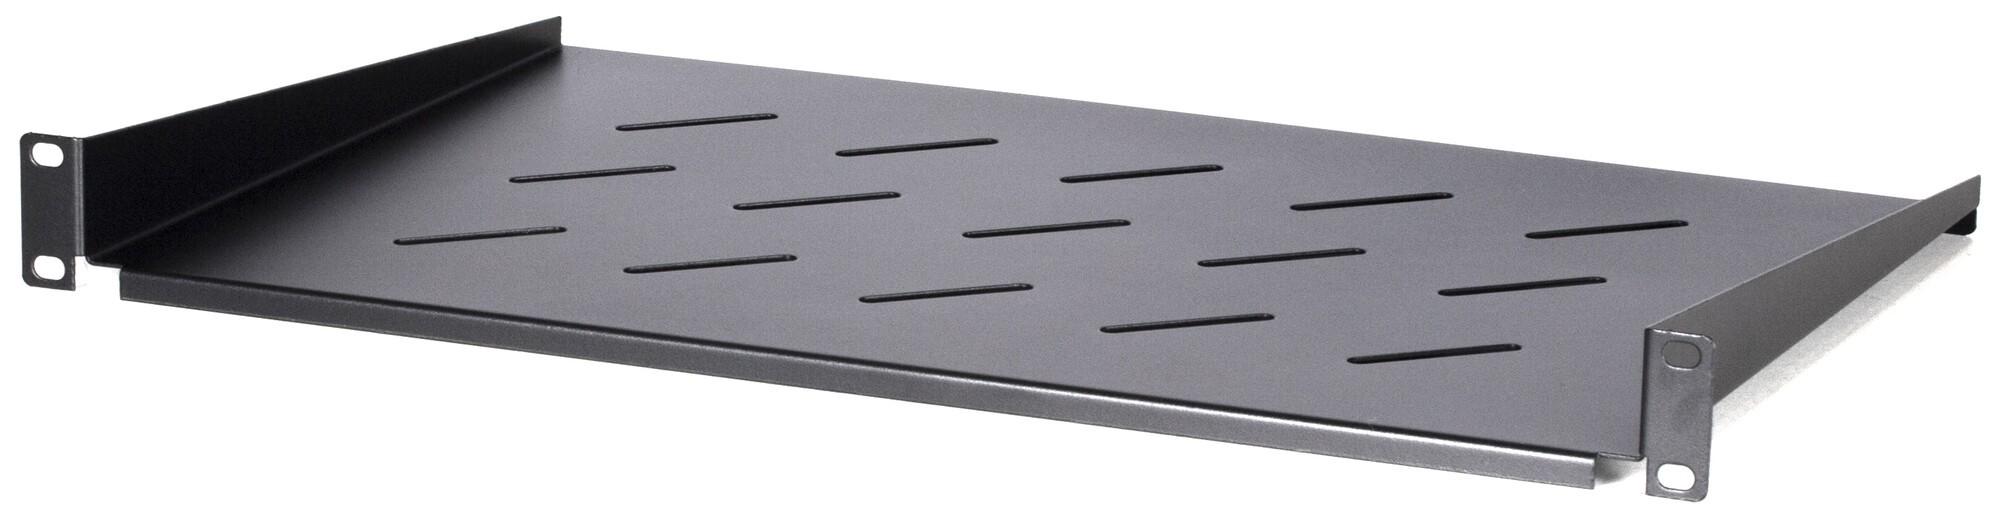 Afbeelding van 1U Legbord voor 450mm diepe wandkasten - 300mm diep (max. 8 kg)